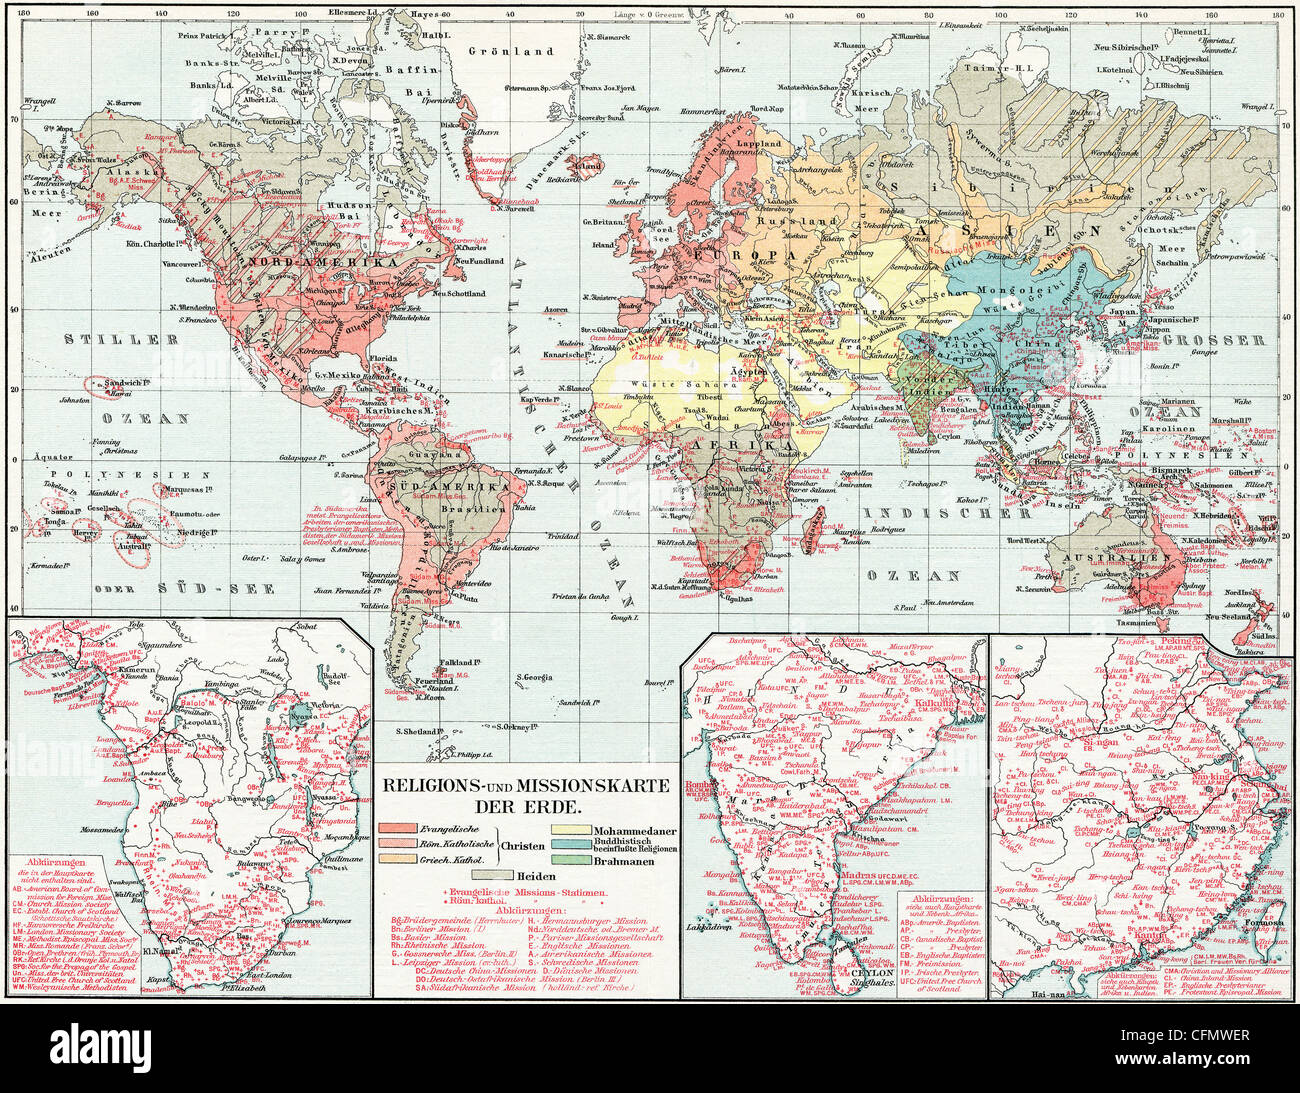 Karte der Verbreitung der großen Religionen der Welt. Missionarische Karte. Stockbild